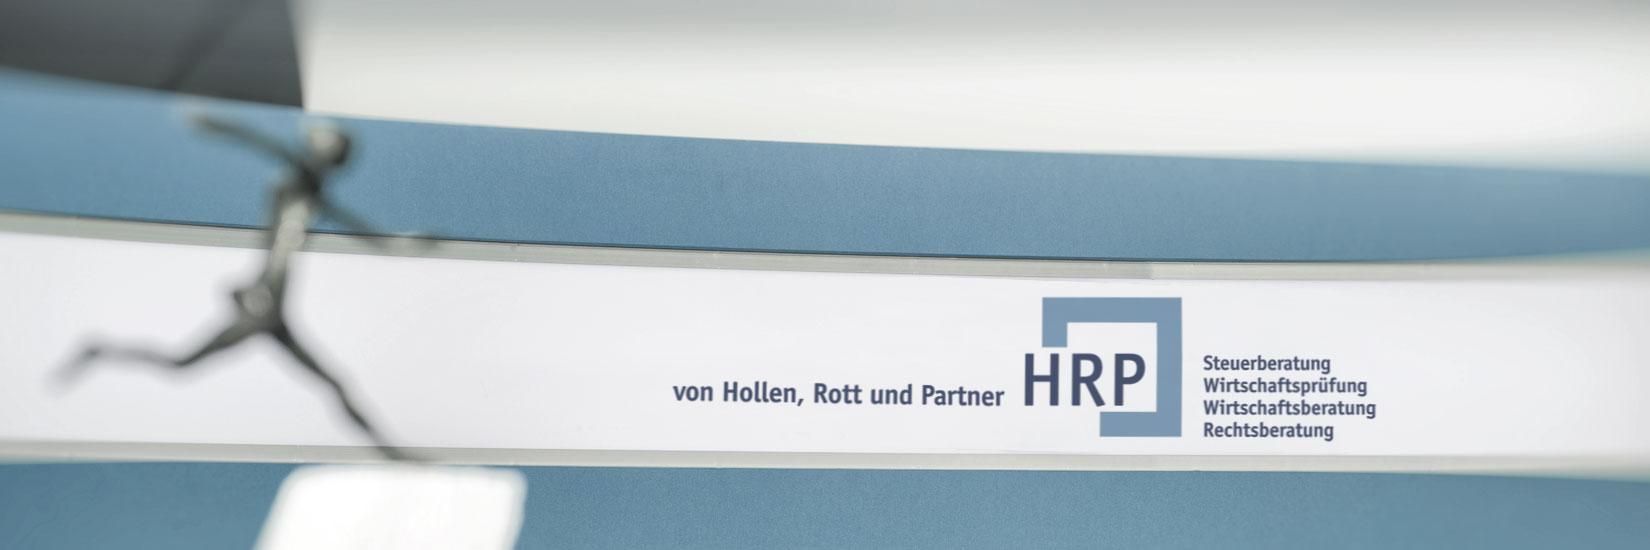 Karriere & Jobs in Bielefeld - HRP von Hollen, Rott & Partner mbB